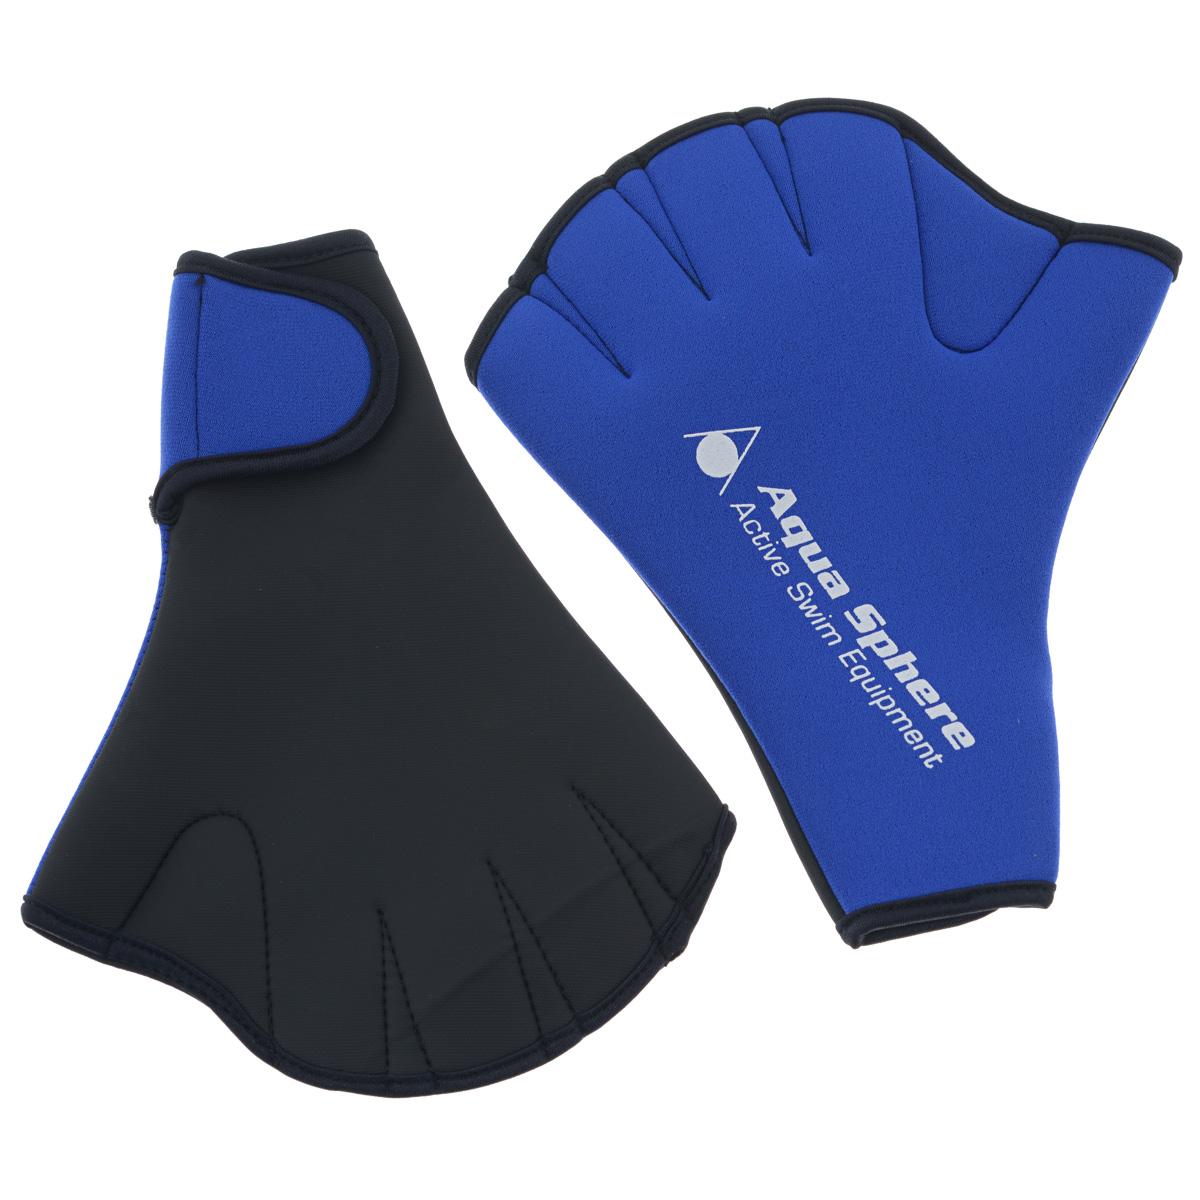 Перчатки для рук Aqua Sphere Swim Glove, цвет: синий. Размер S ключ гаечный комбинированный 30х30 santool 031602 030 030 30 мм